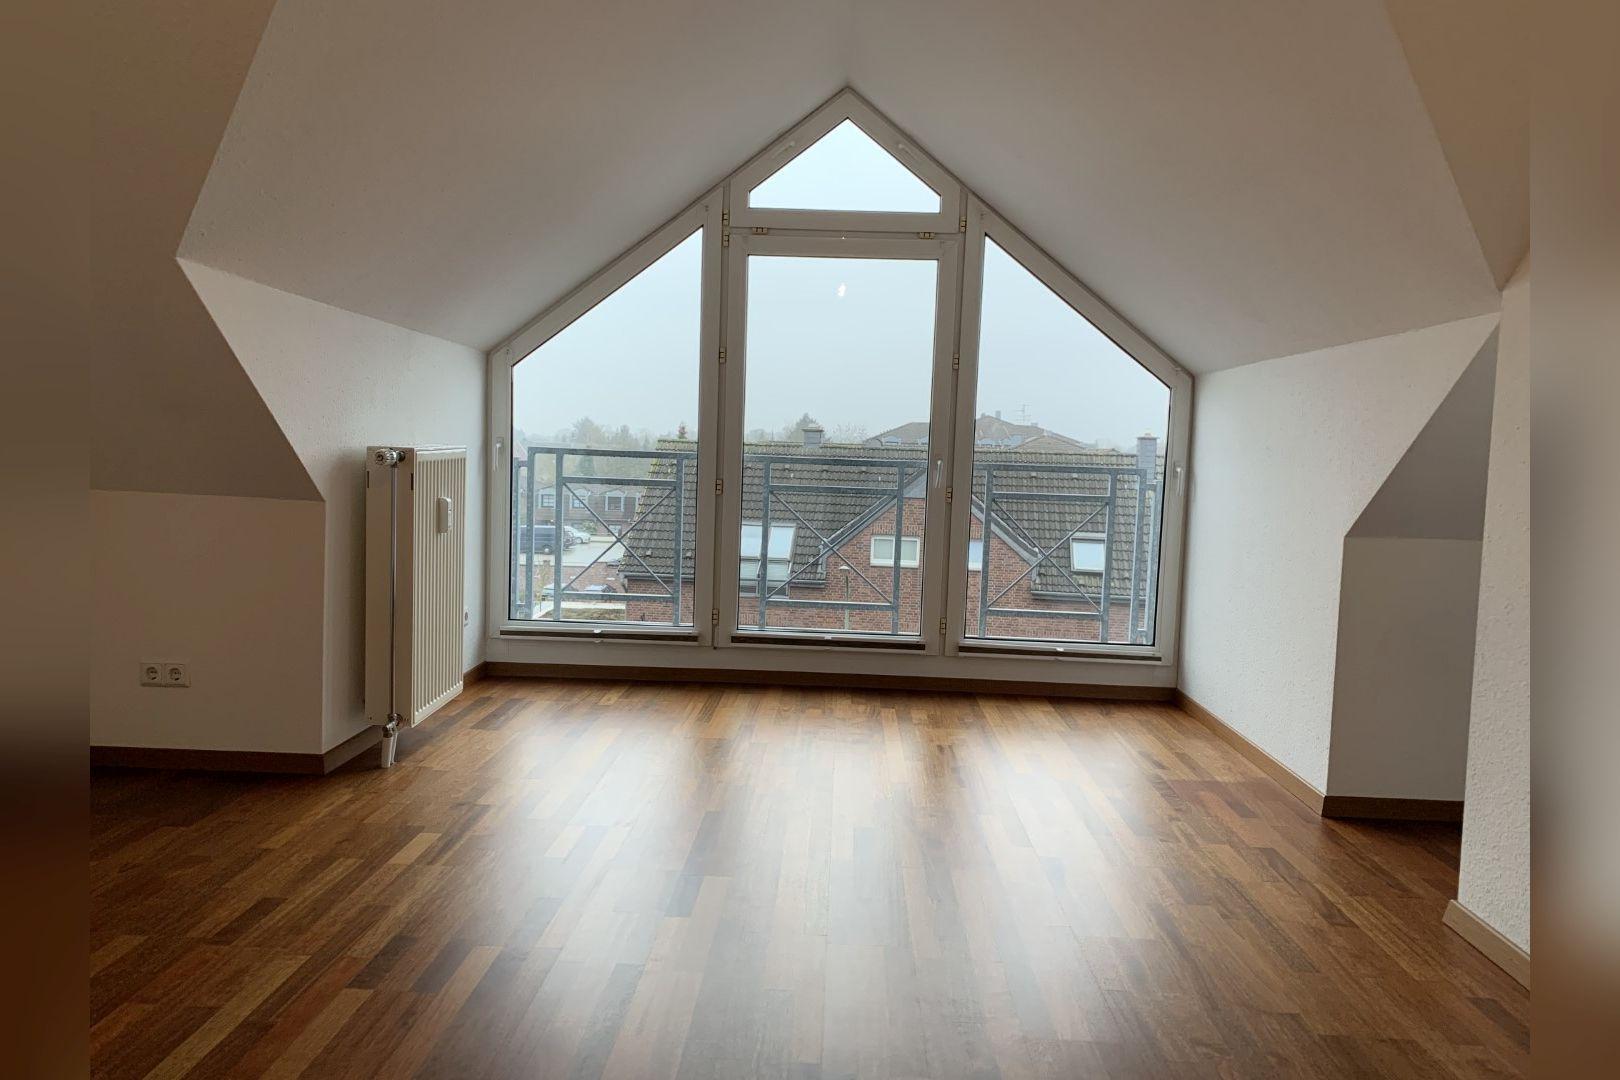 Immobilie Nr.0253 - 3-Zimmer-Maisonette-Wohnung  - Bild 3.jpg